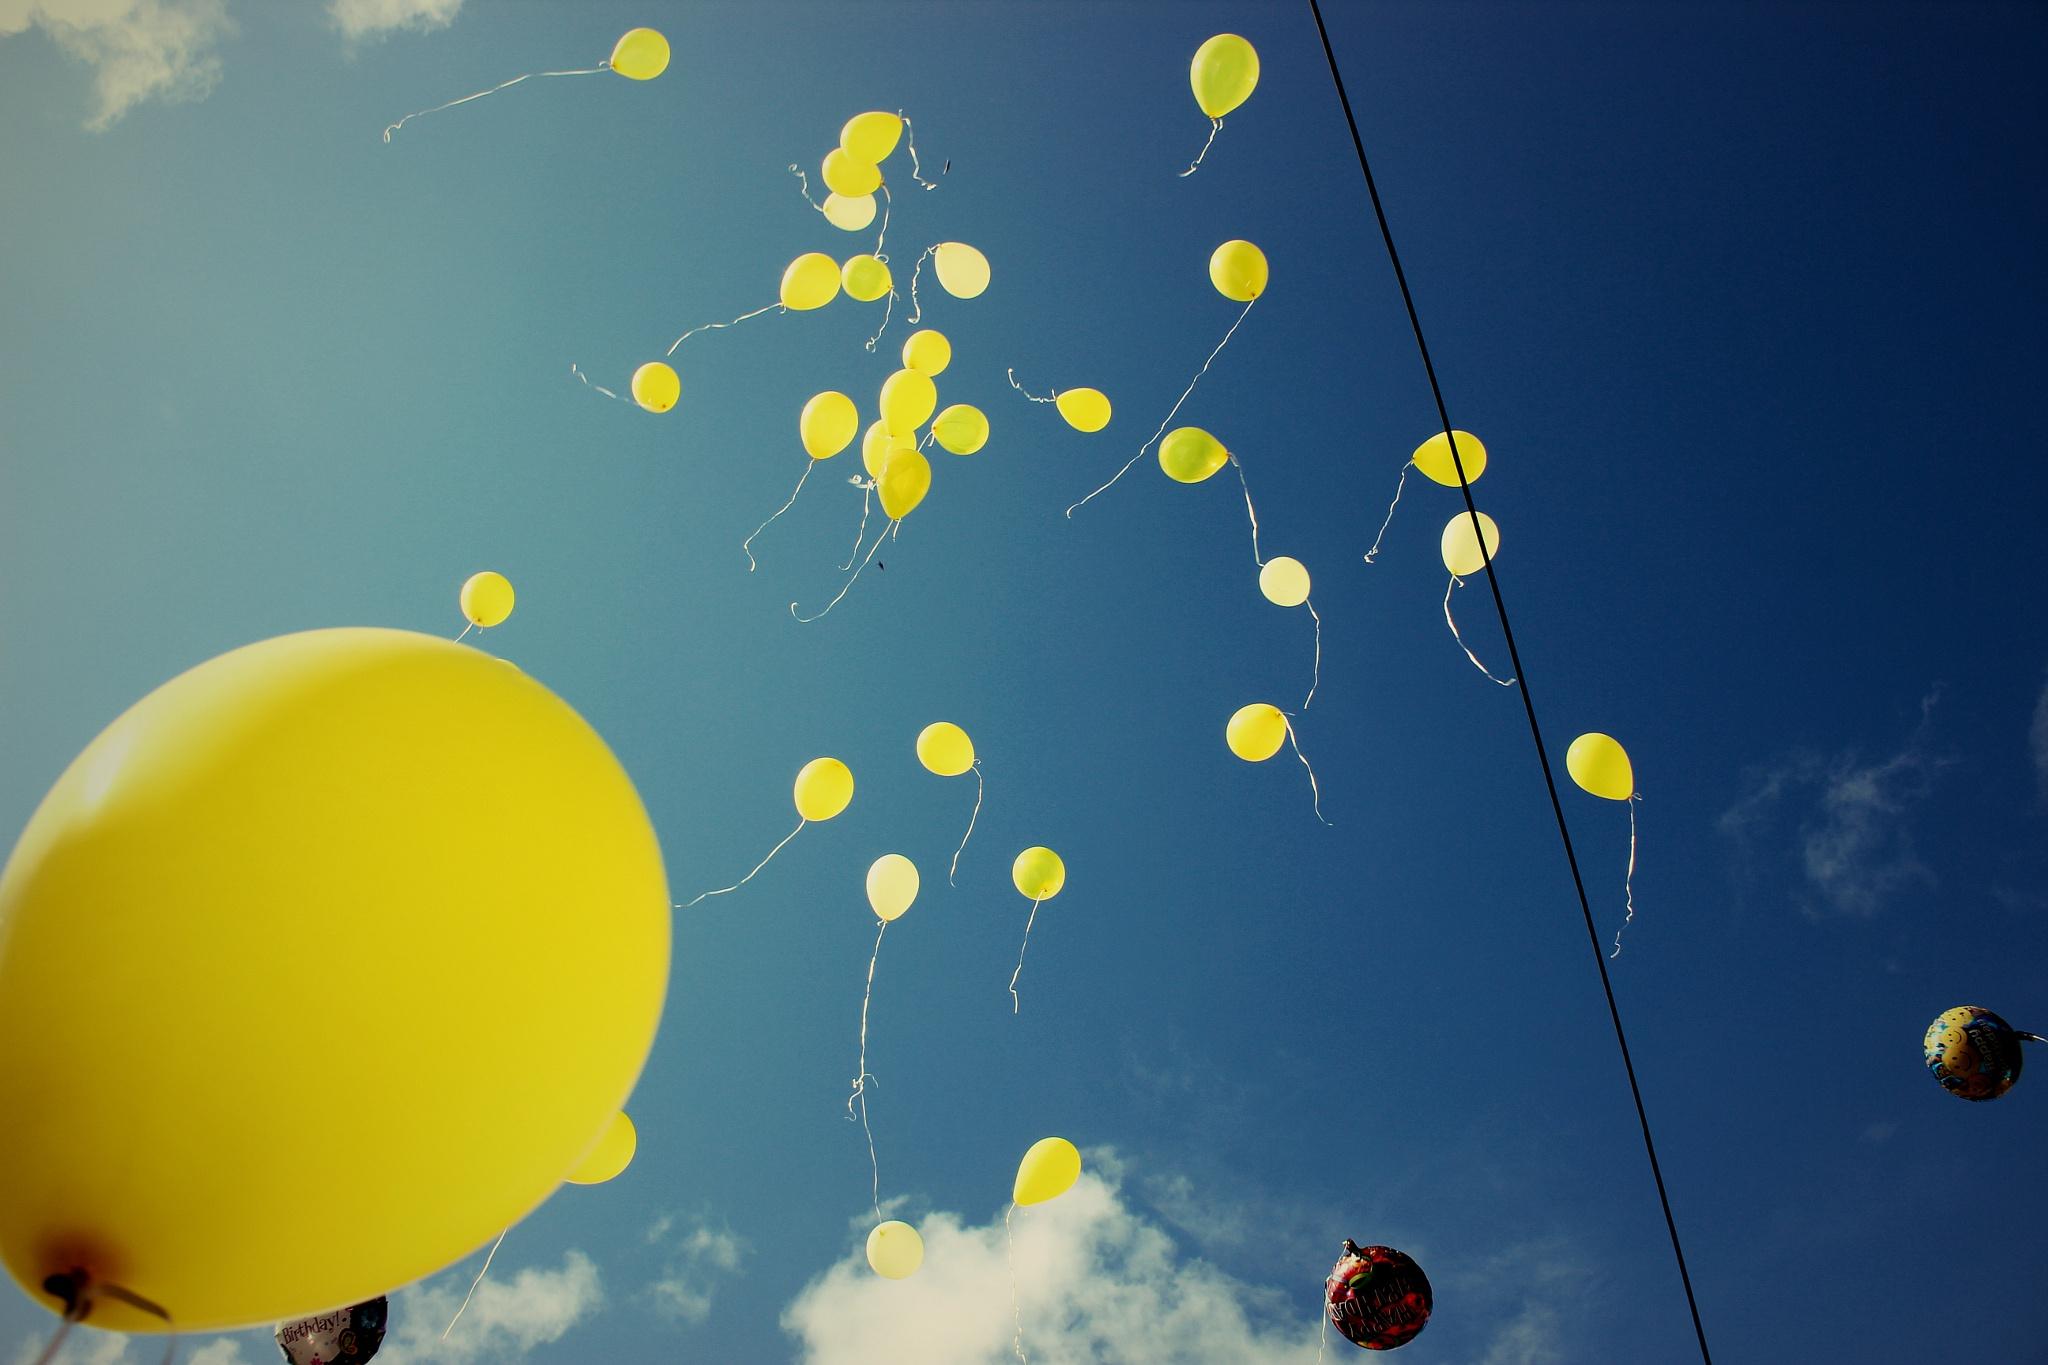 Balloons to Heaven 2 by Irene Billiot Sudduth